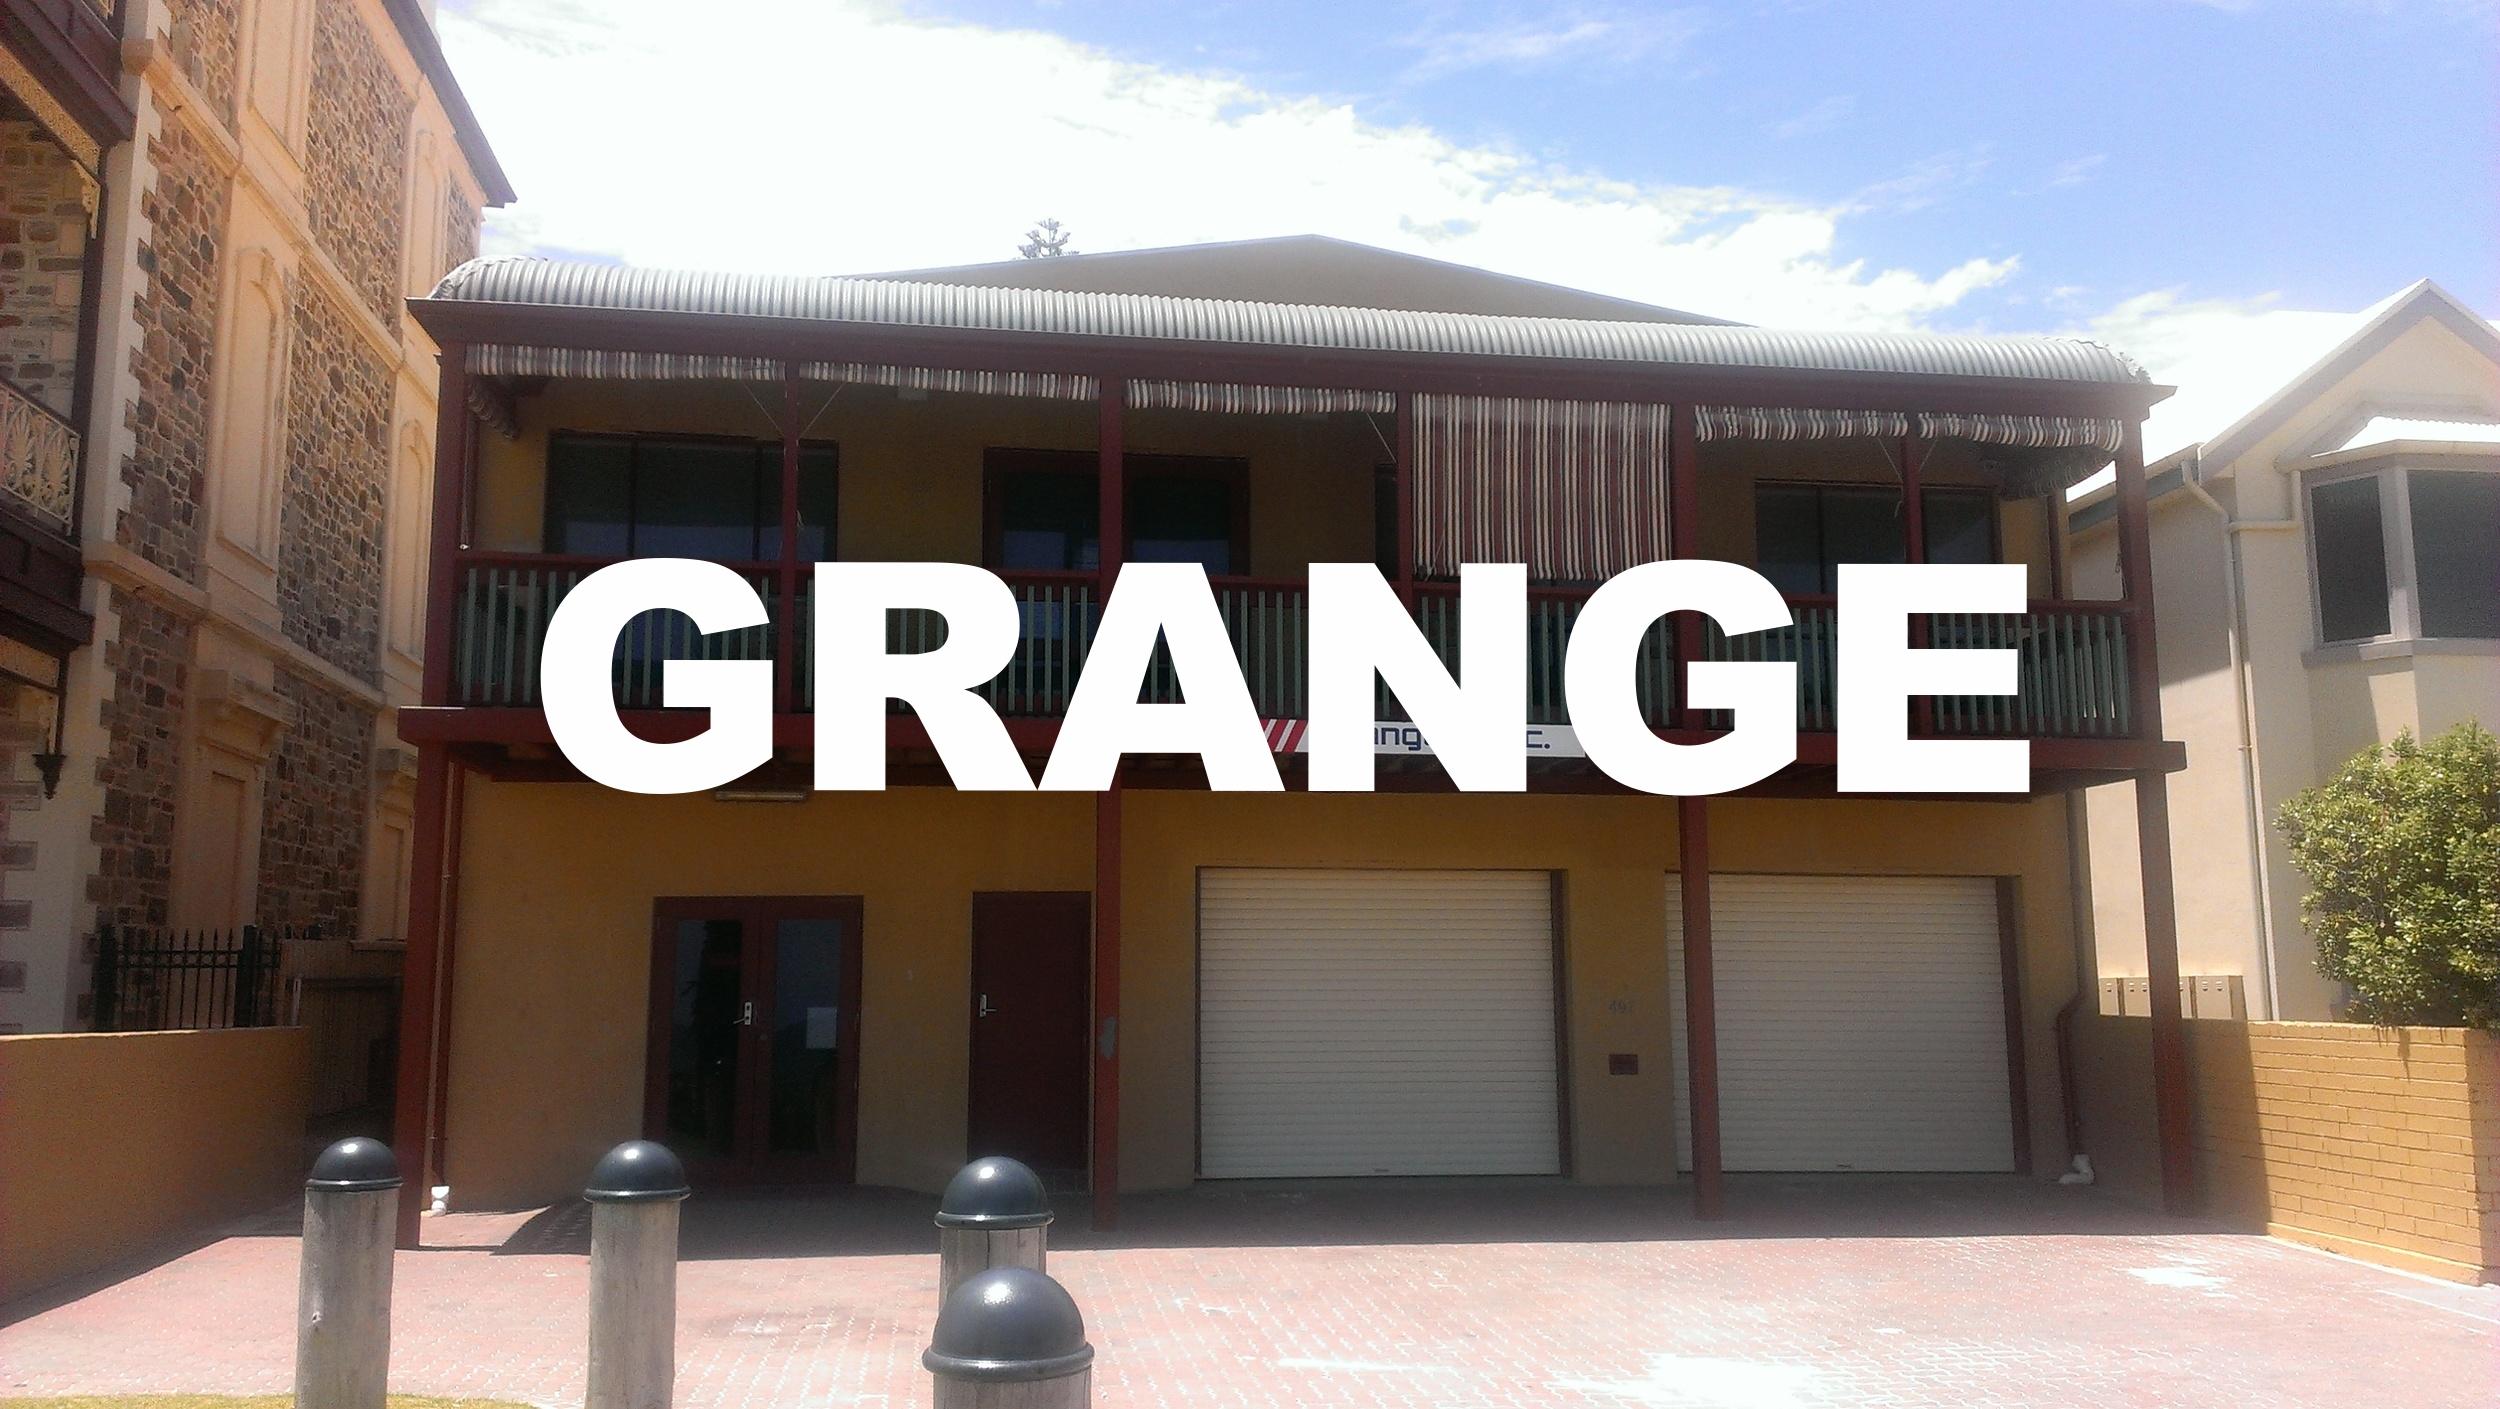 Grange.jpg